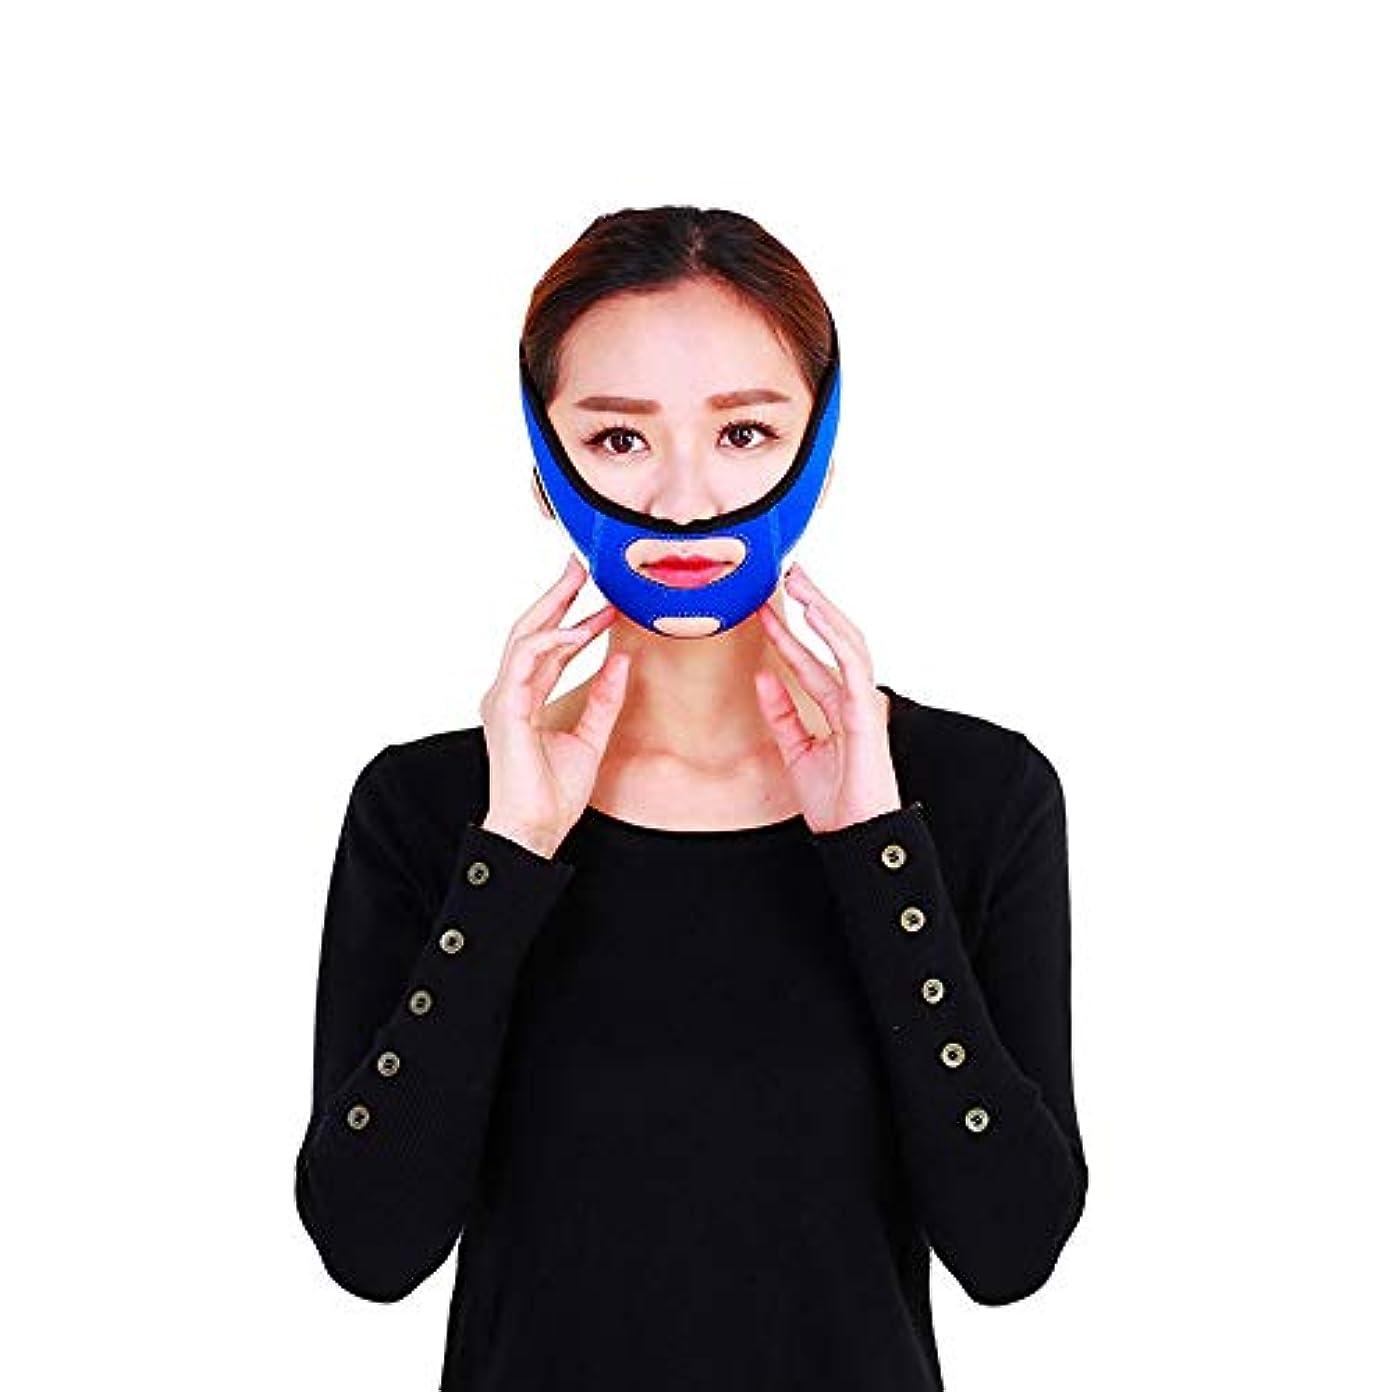 哲学夢熟読するフェイシャルリフティング痩身ベルトフェーススリム二重あごを取り除くアンチエイジングリンクルフェイス包帯マスク整形マスクが顔を引き締める